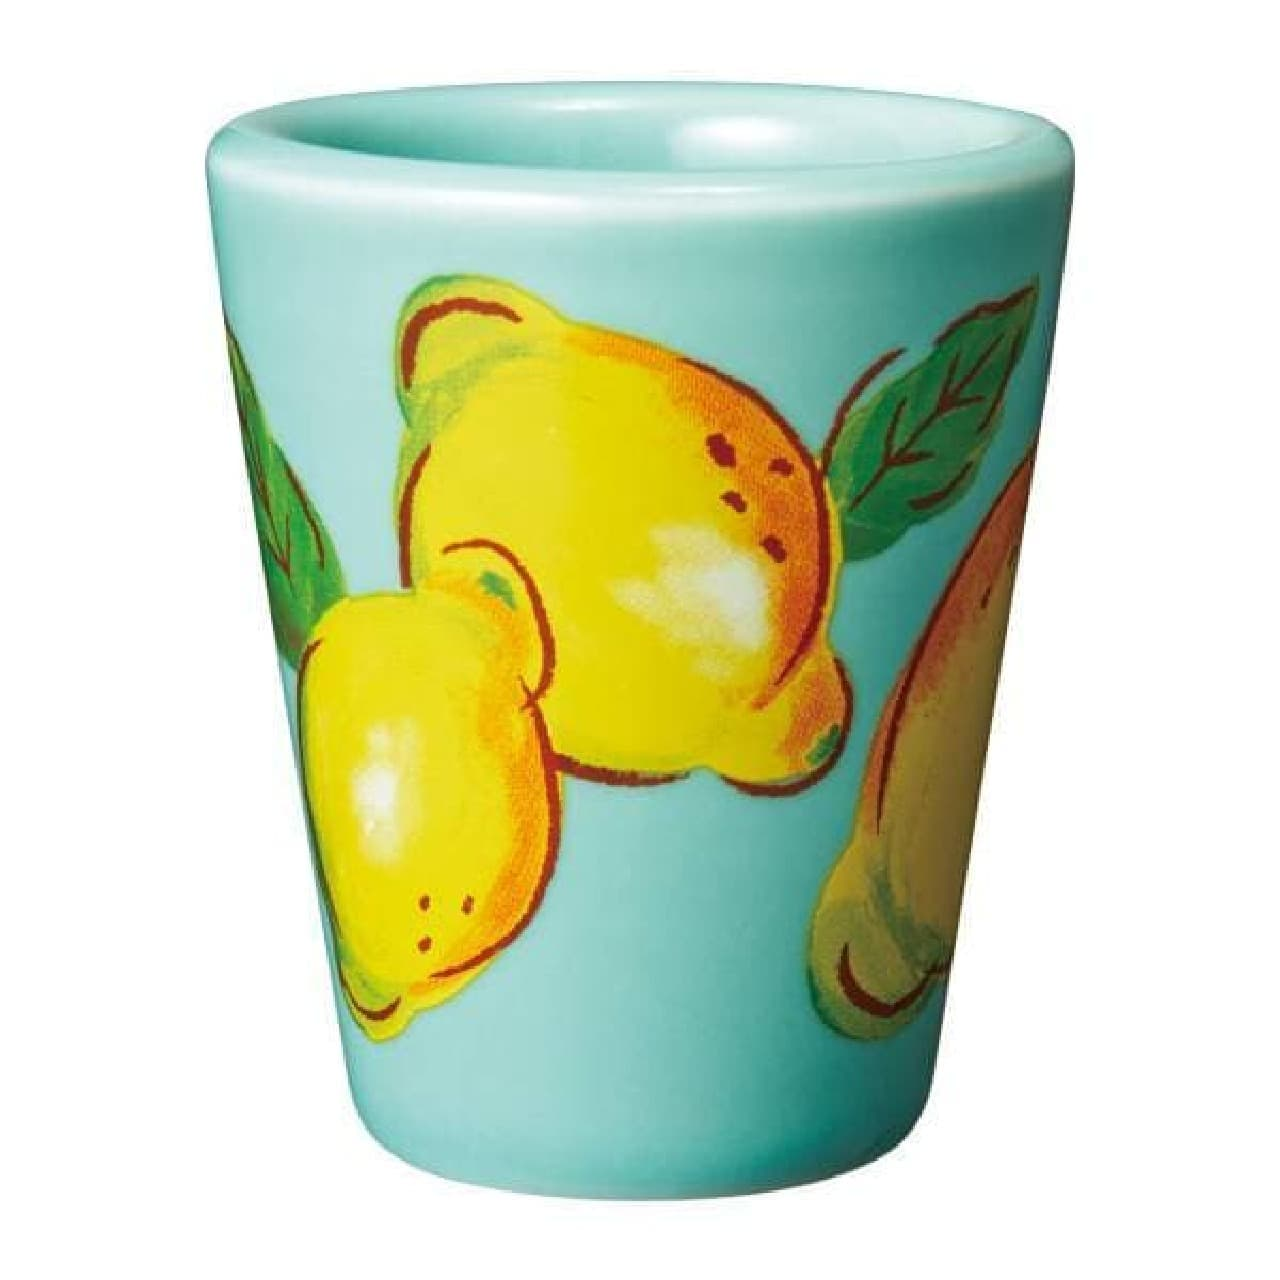 カルディ リモンチェッロ買うと「オリジナル 陶器ショットグラス」もらえる